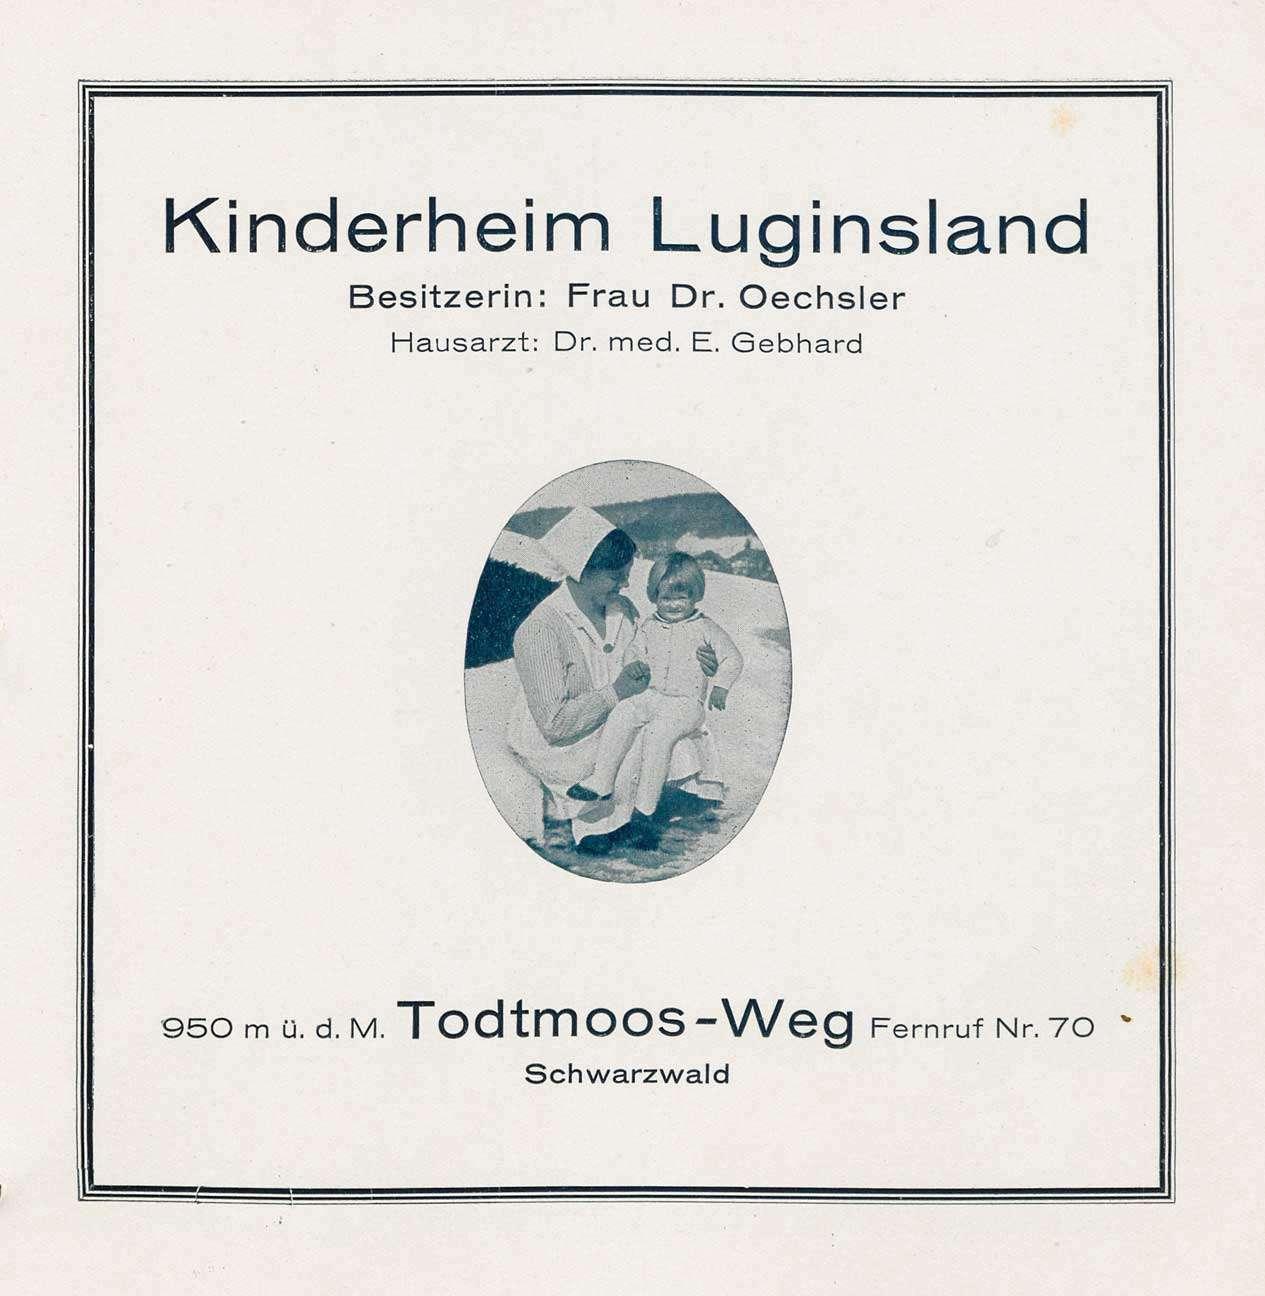 Betrieb des Kinderheims Luginsland in Todtmoos-Weg; Einzelwasserversorgung des Heims, Bild 2